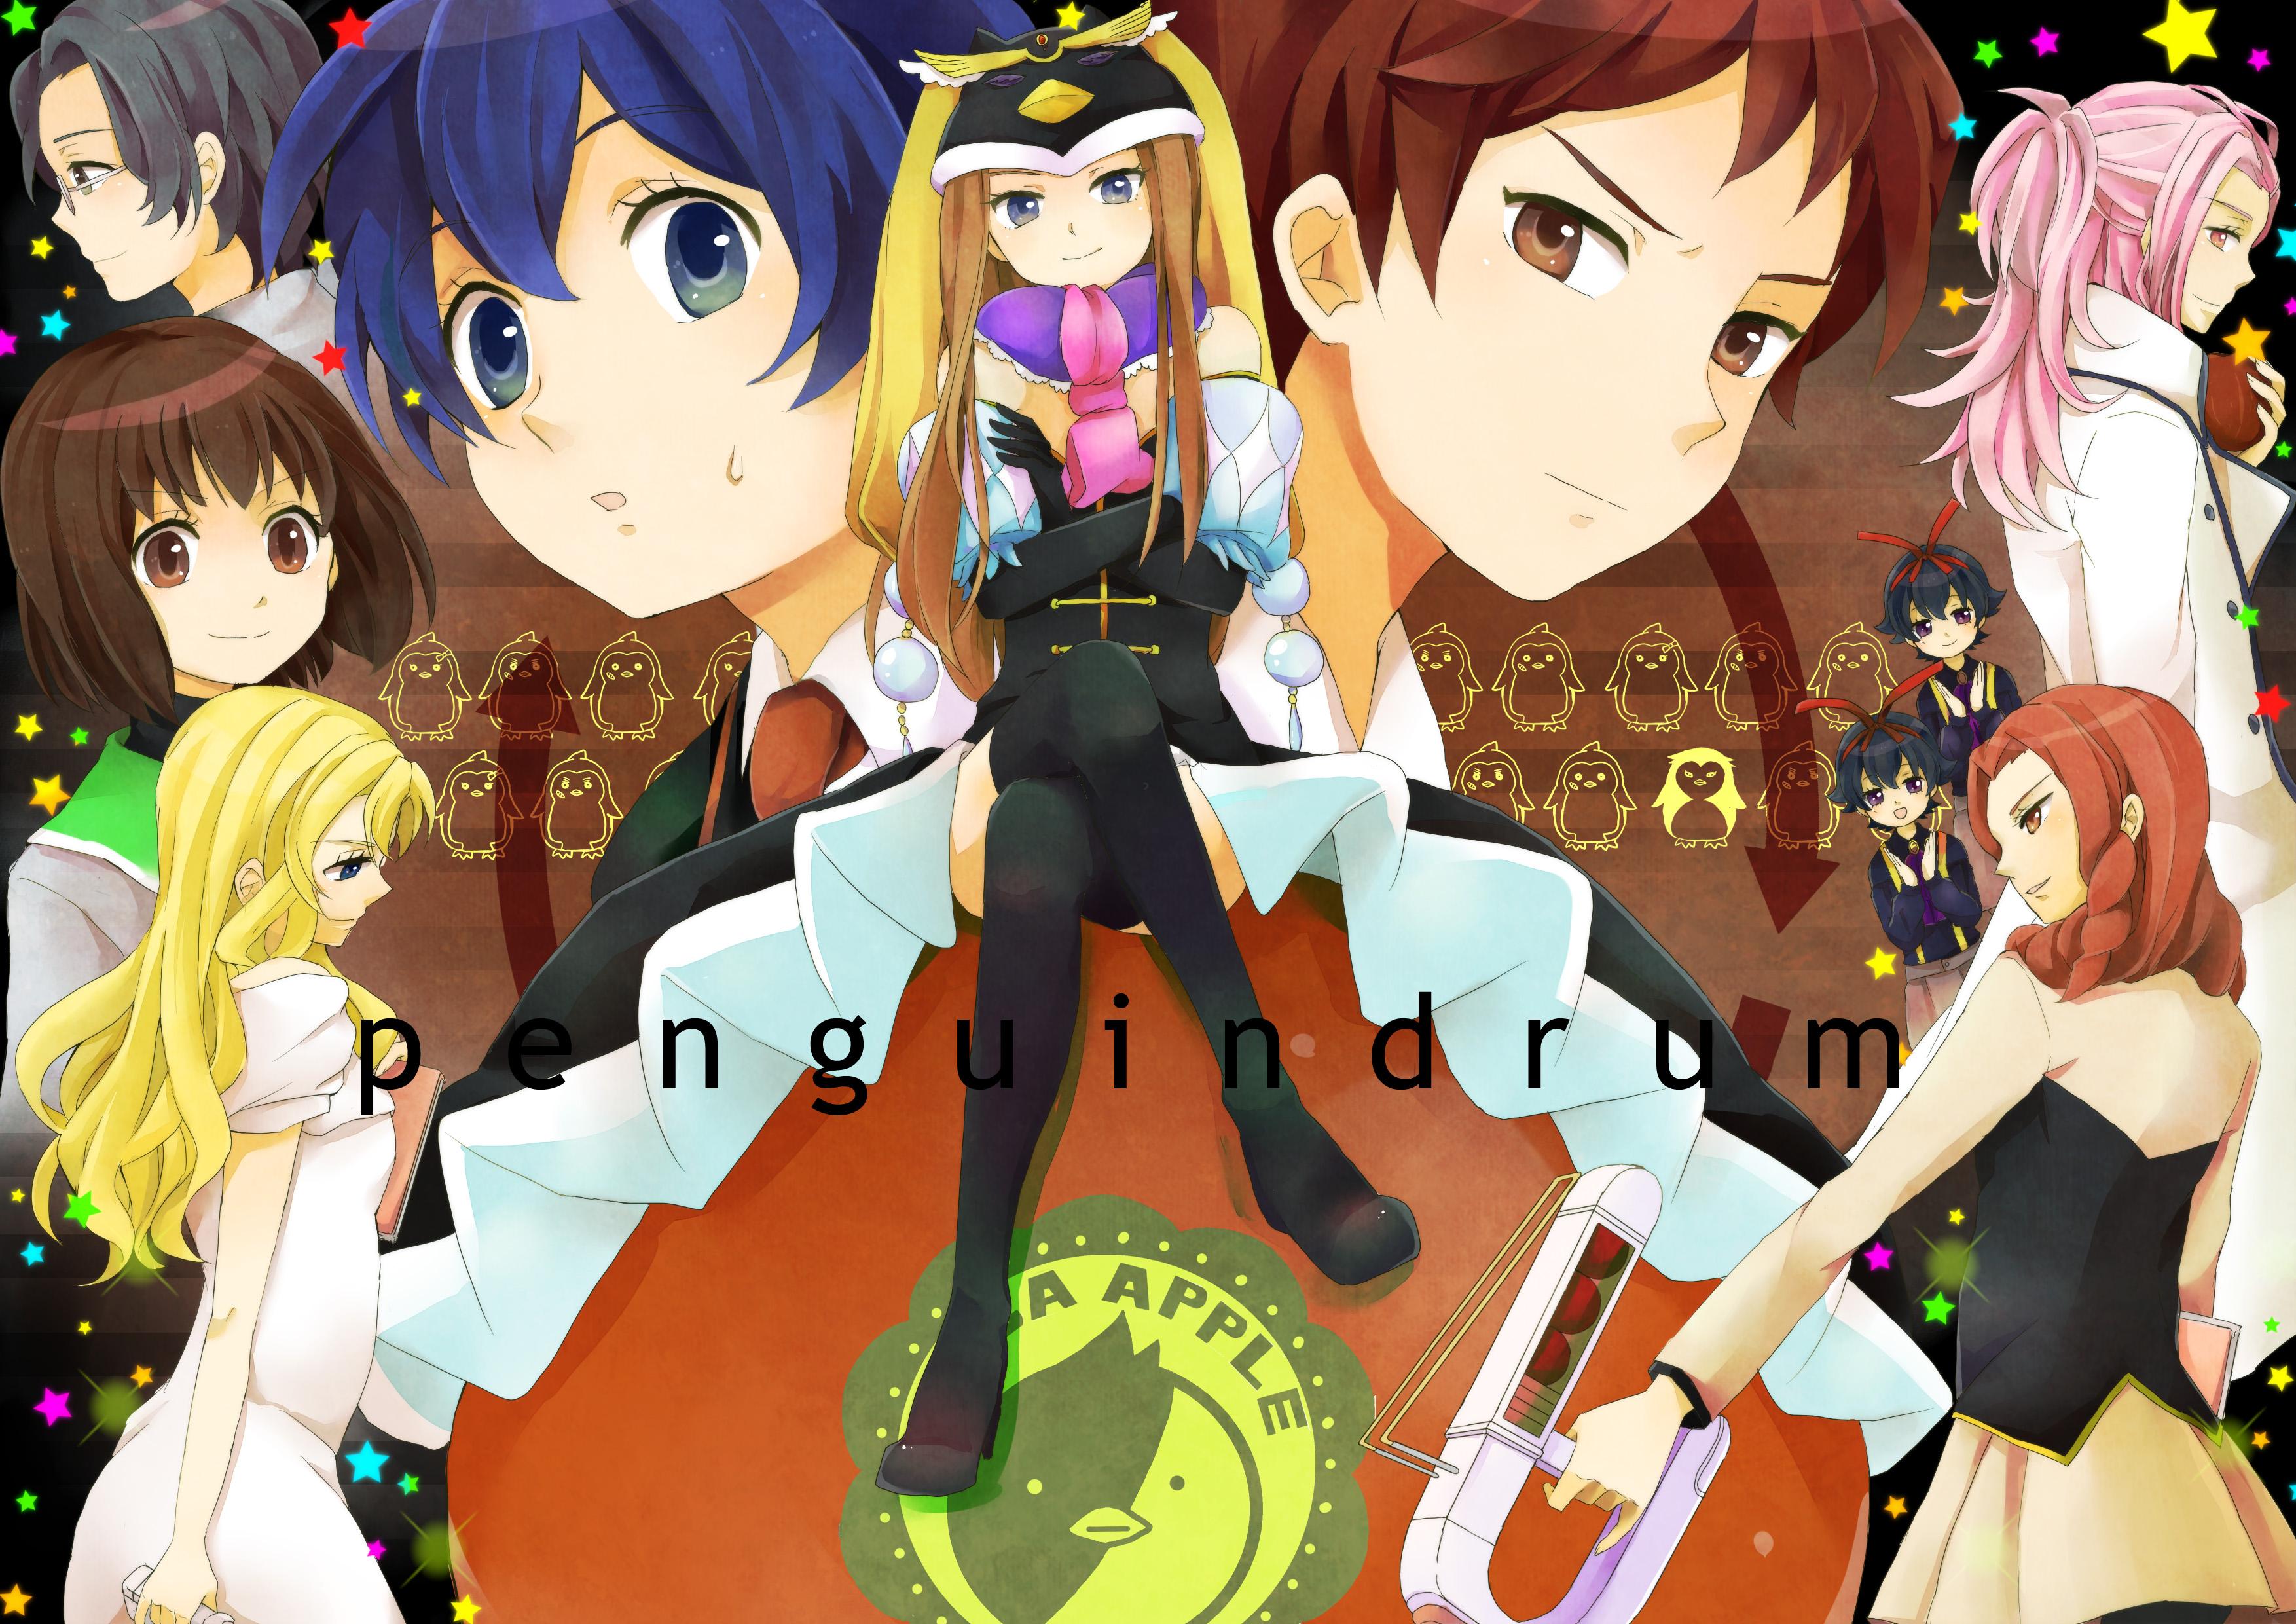 15 dec Mawaru Penguindrum | Anime nerd, Anime, Me me me anime